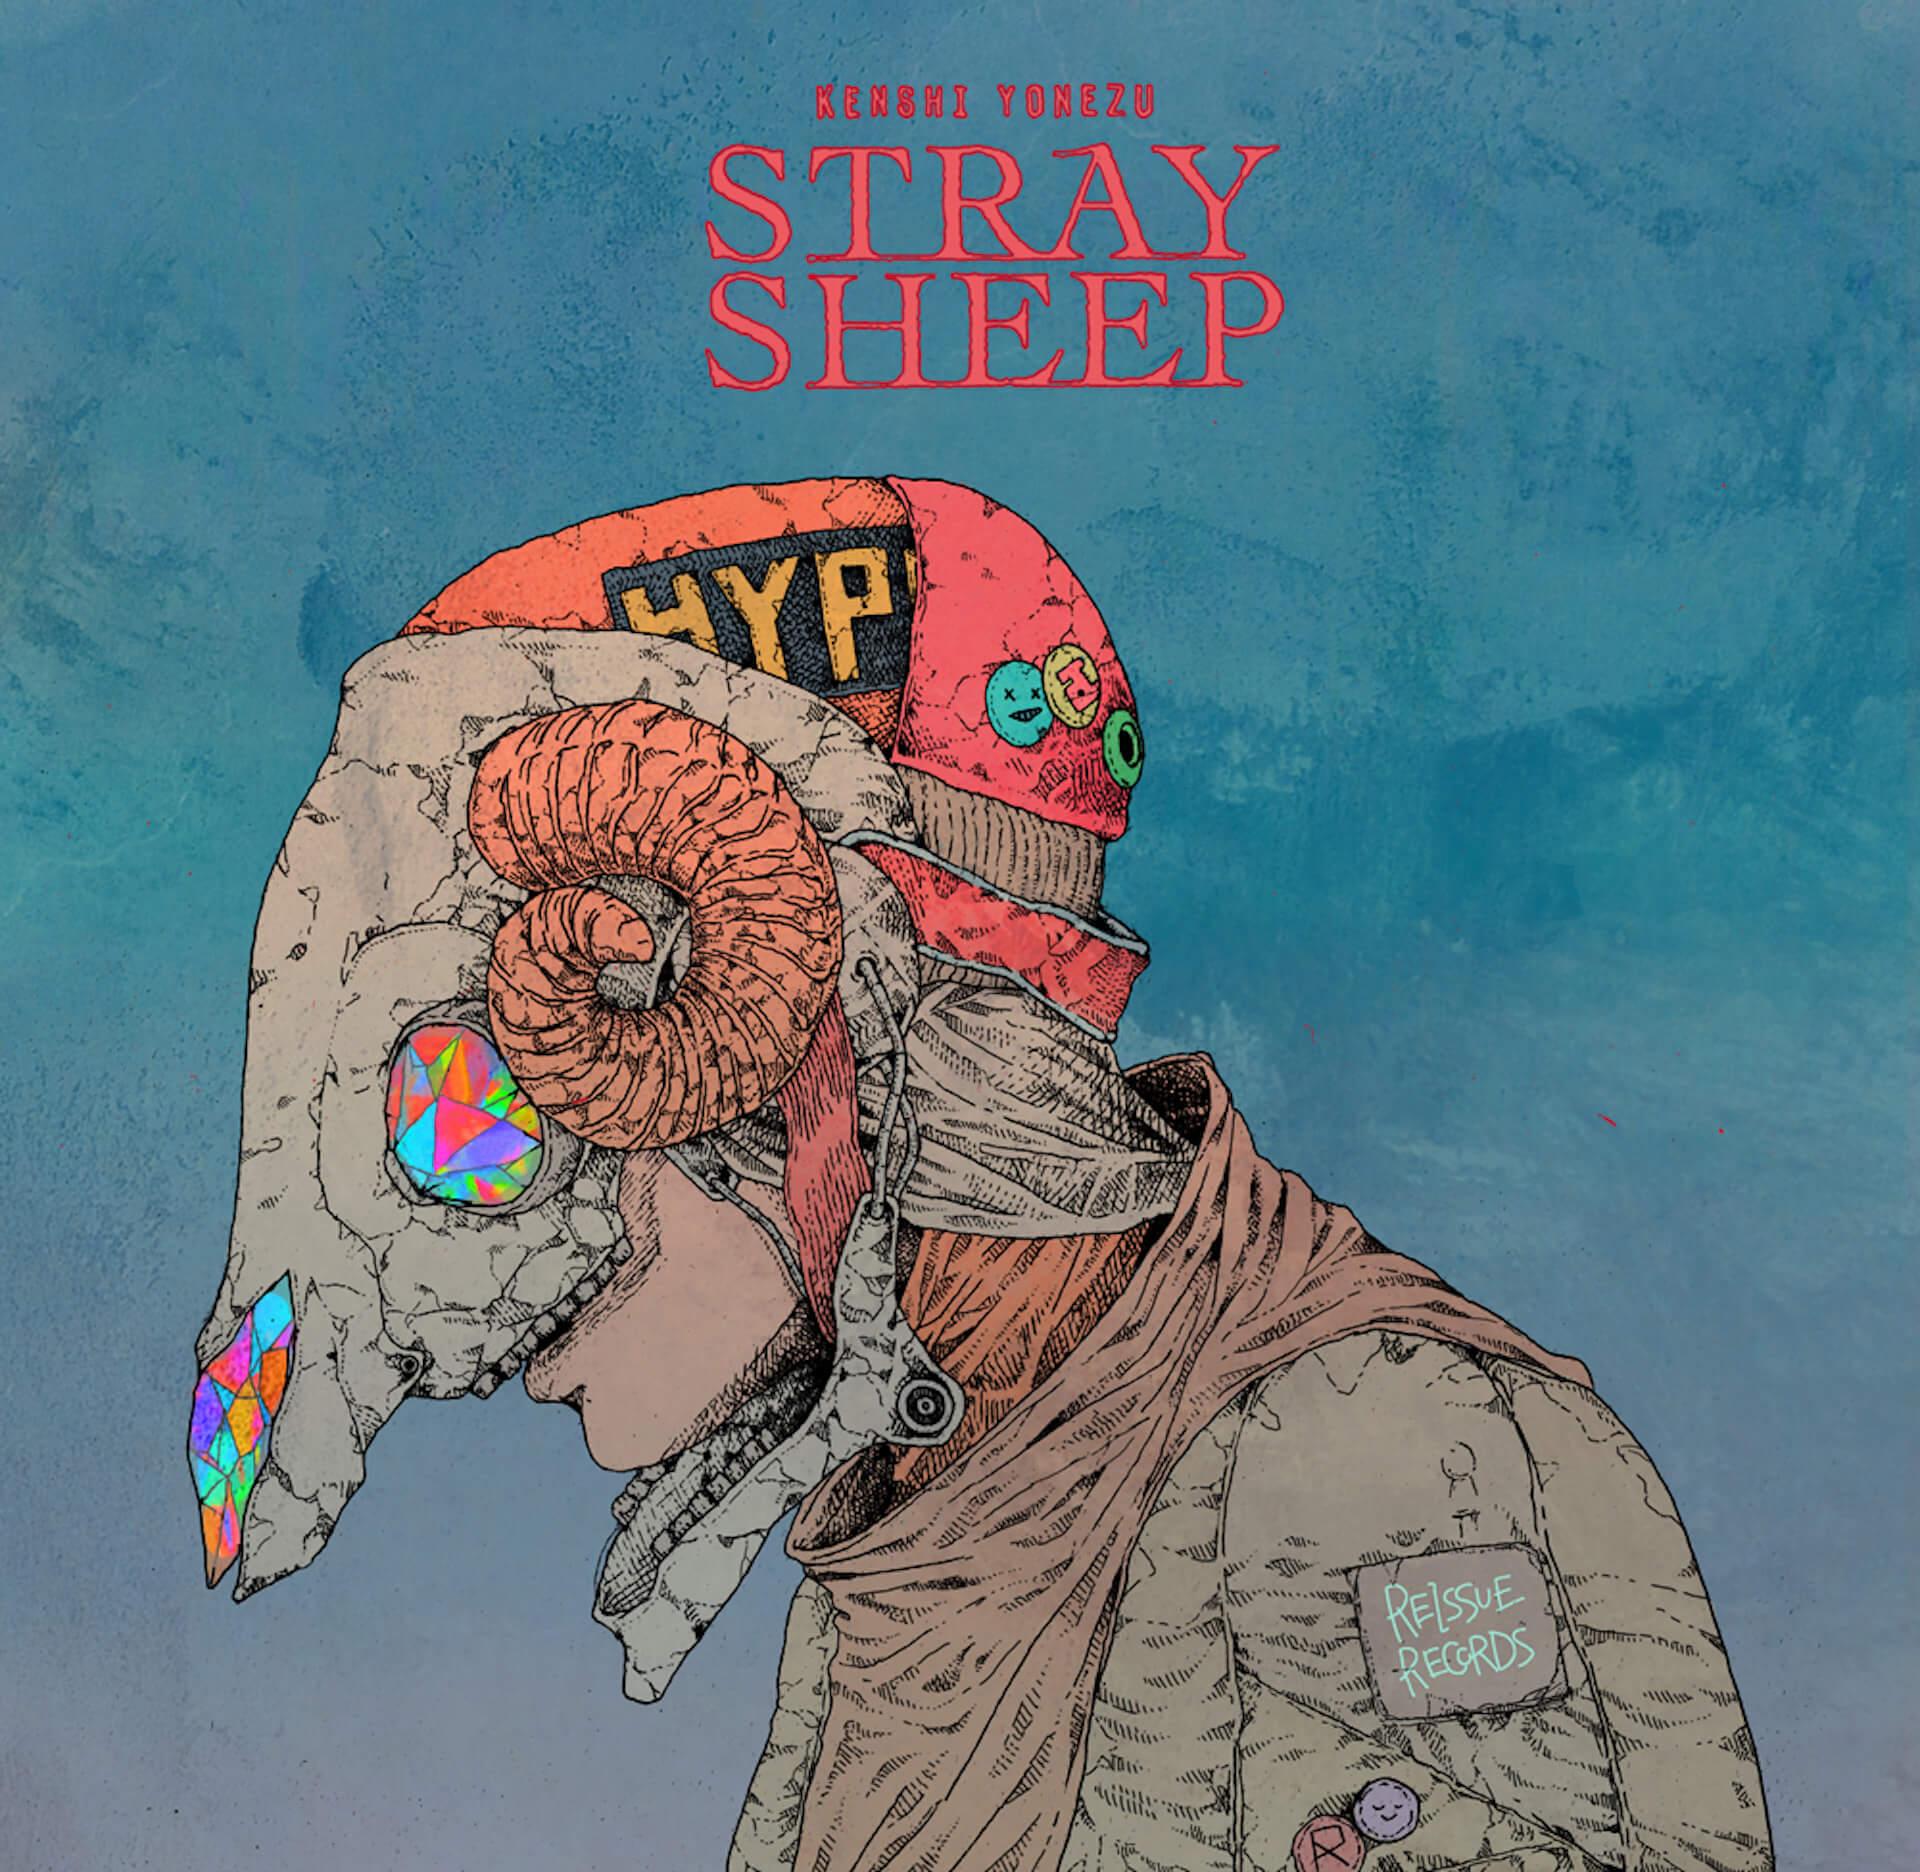 米津玄師『STRAY SHEEP』世界で大反響!韓国&台湾で現地盤の発売が決定 music201007_yonezukenshi_1